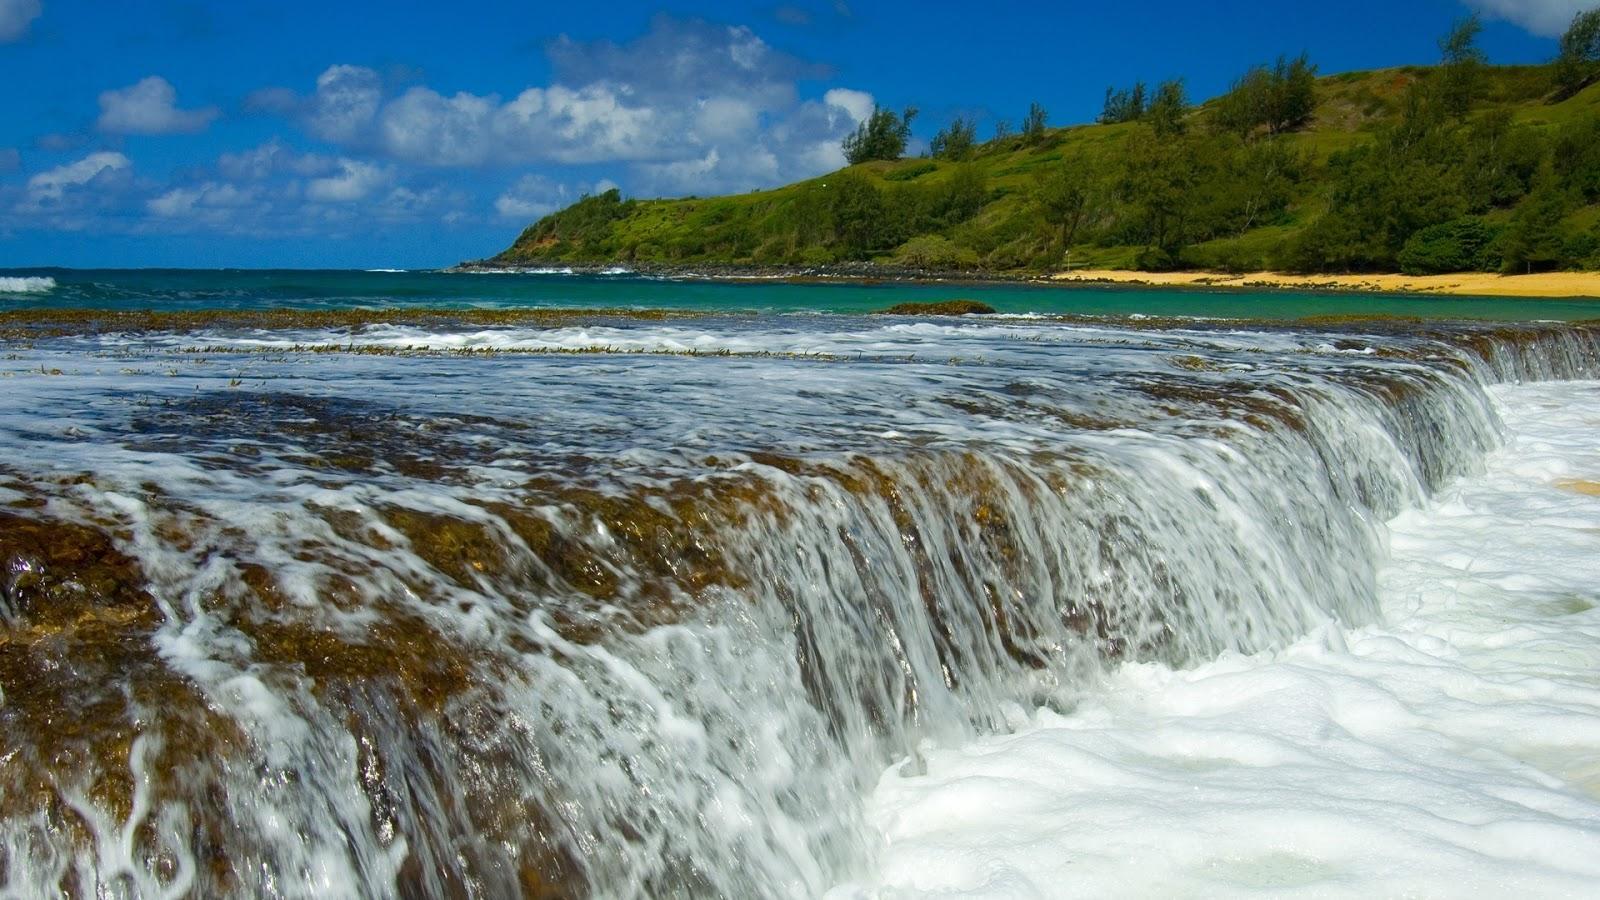 Soñar con corriente fuerte de agua - mis-suenosorg